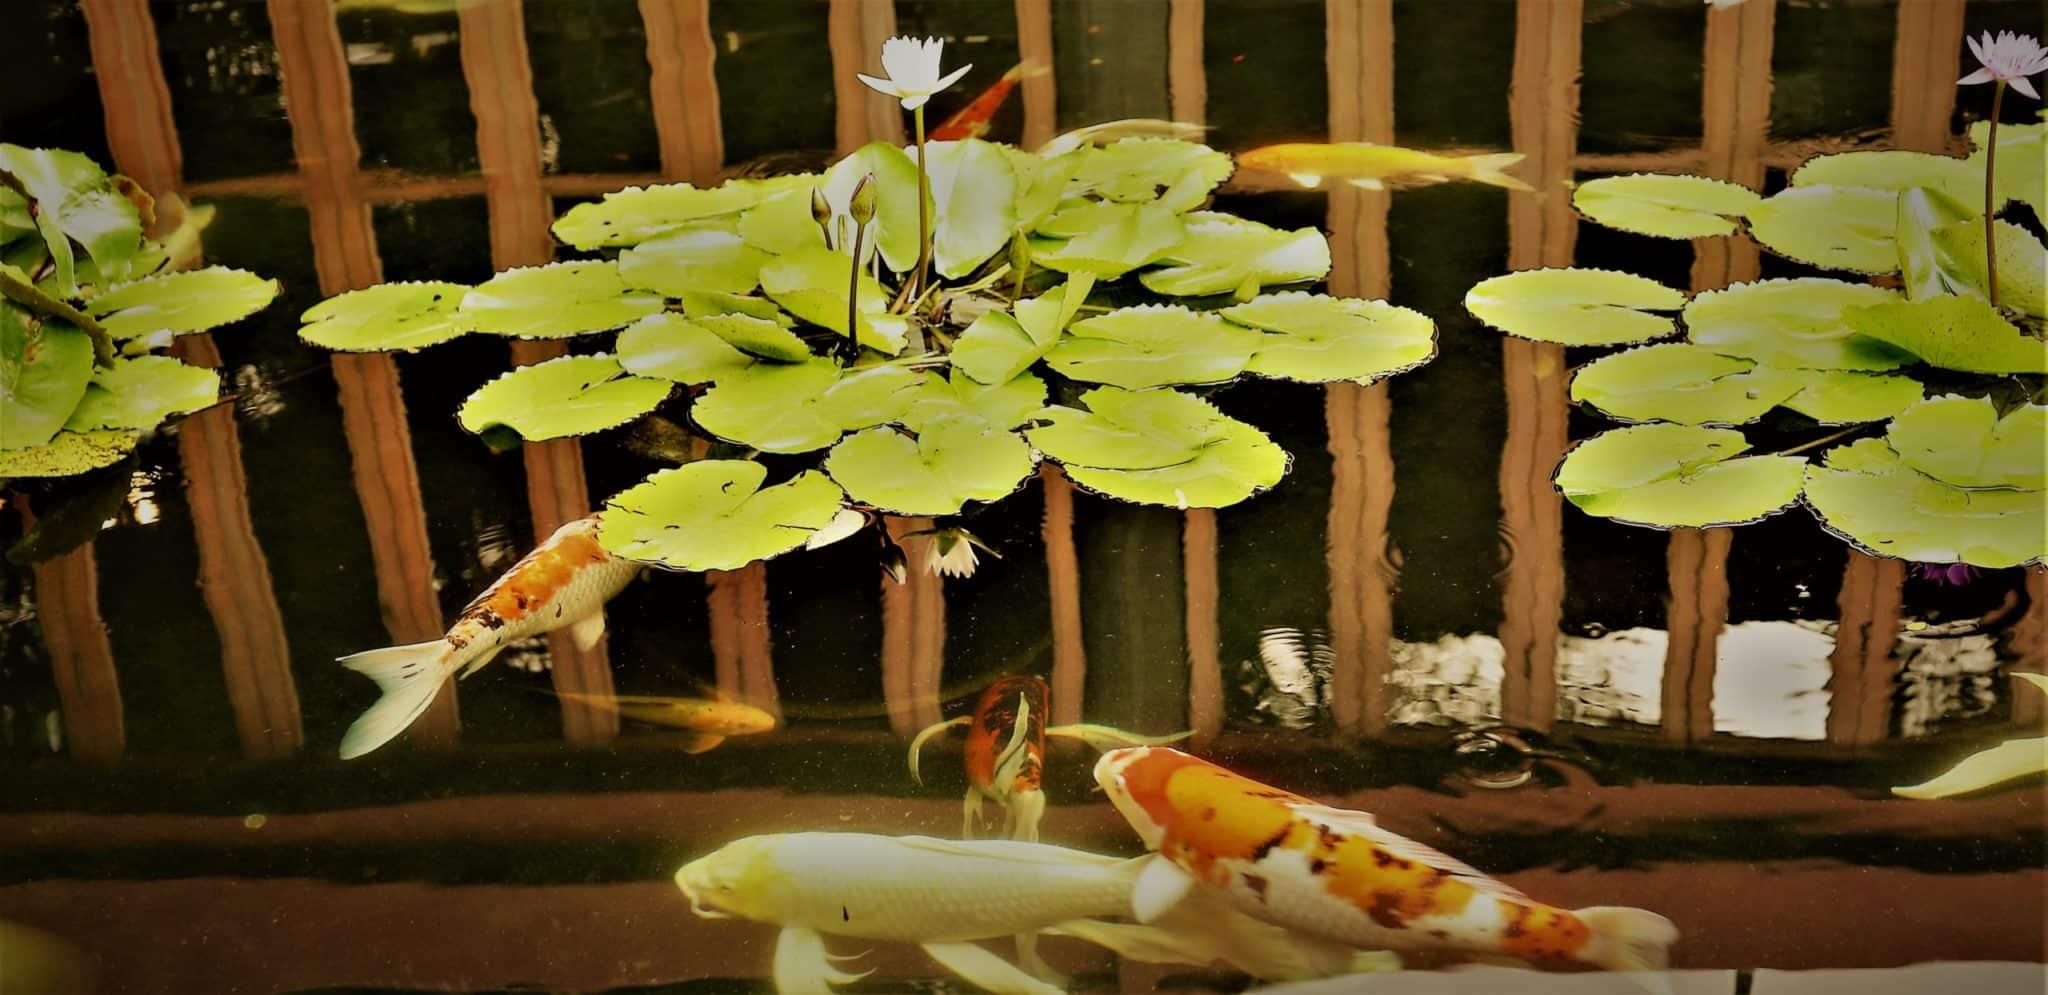 poissons d'or fertilité protection Mes Indes Galantes Blog